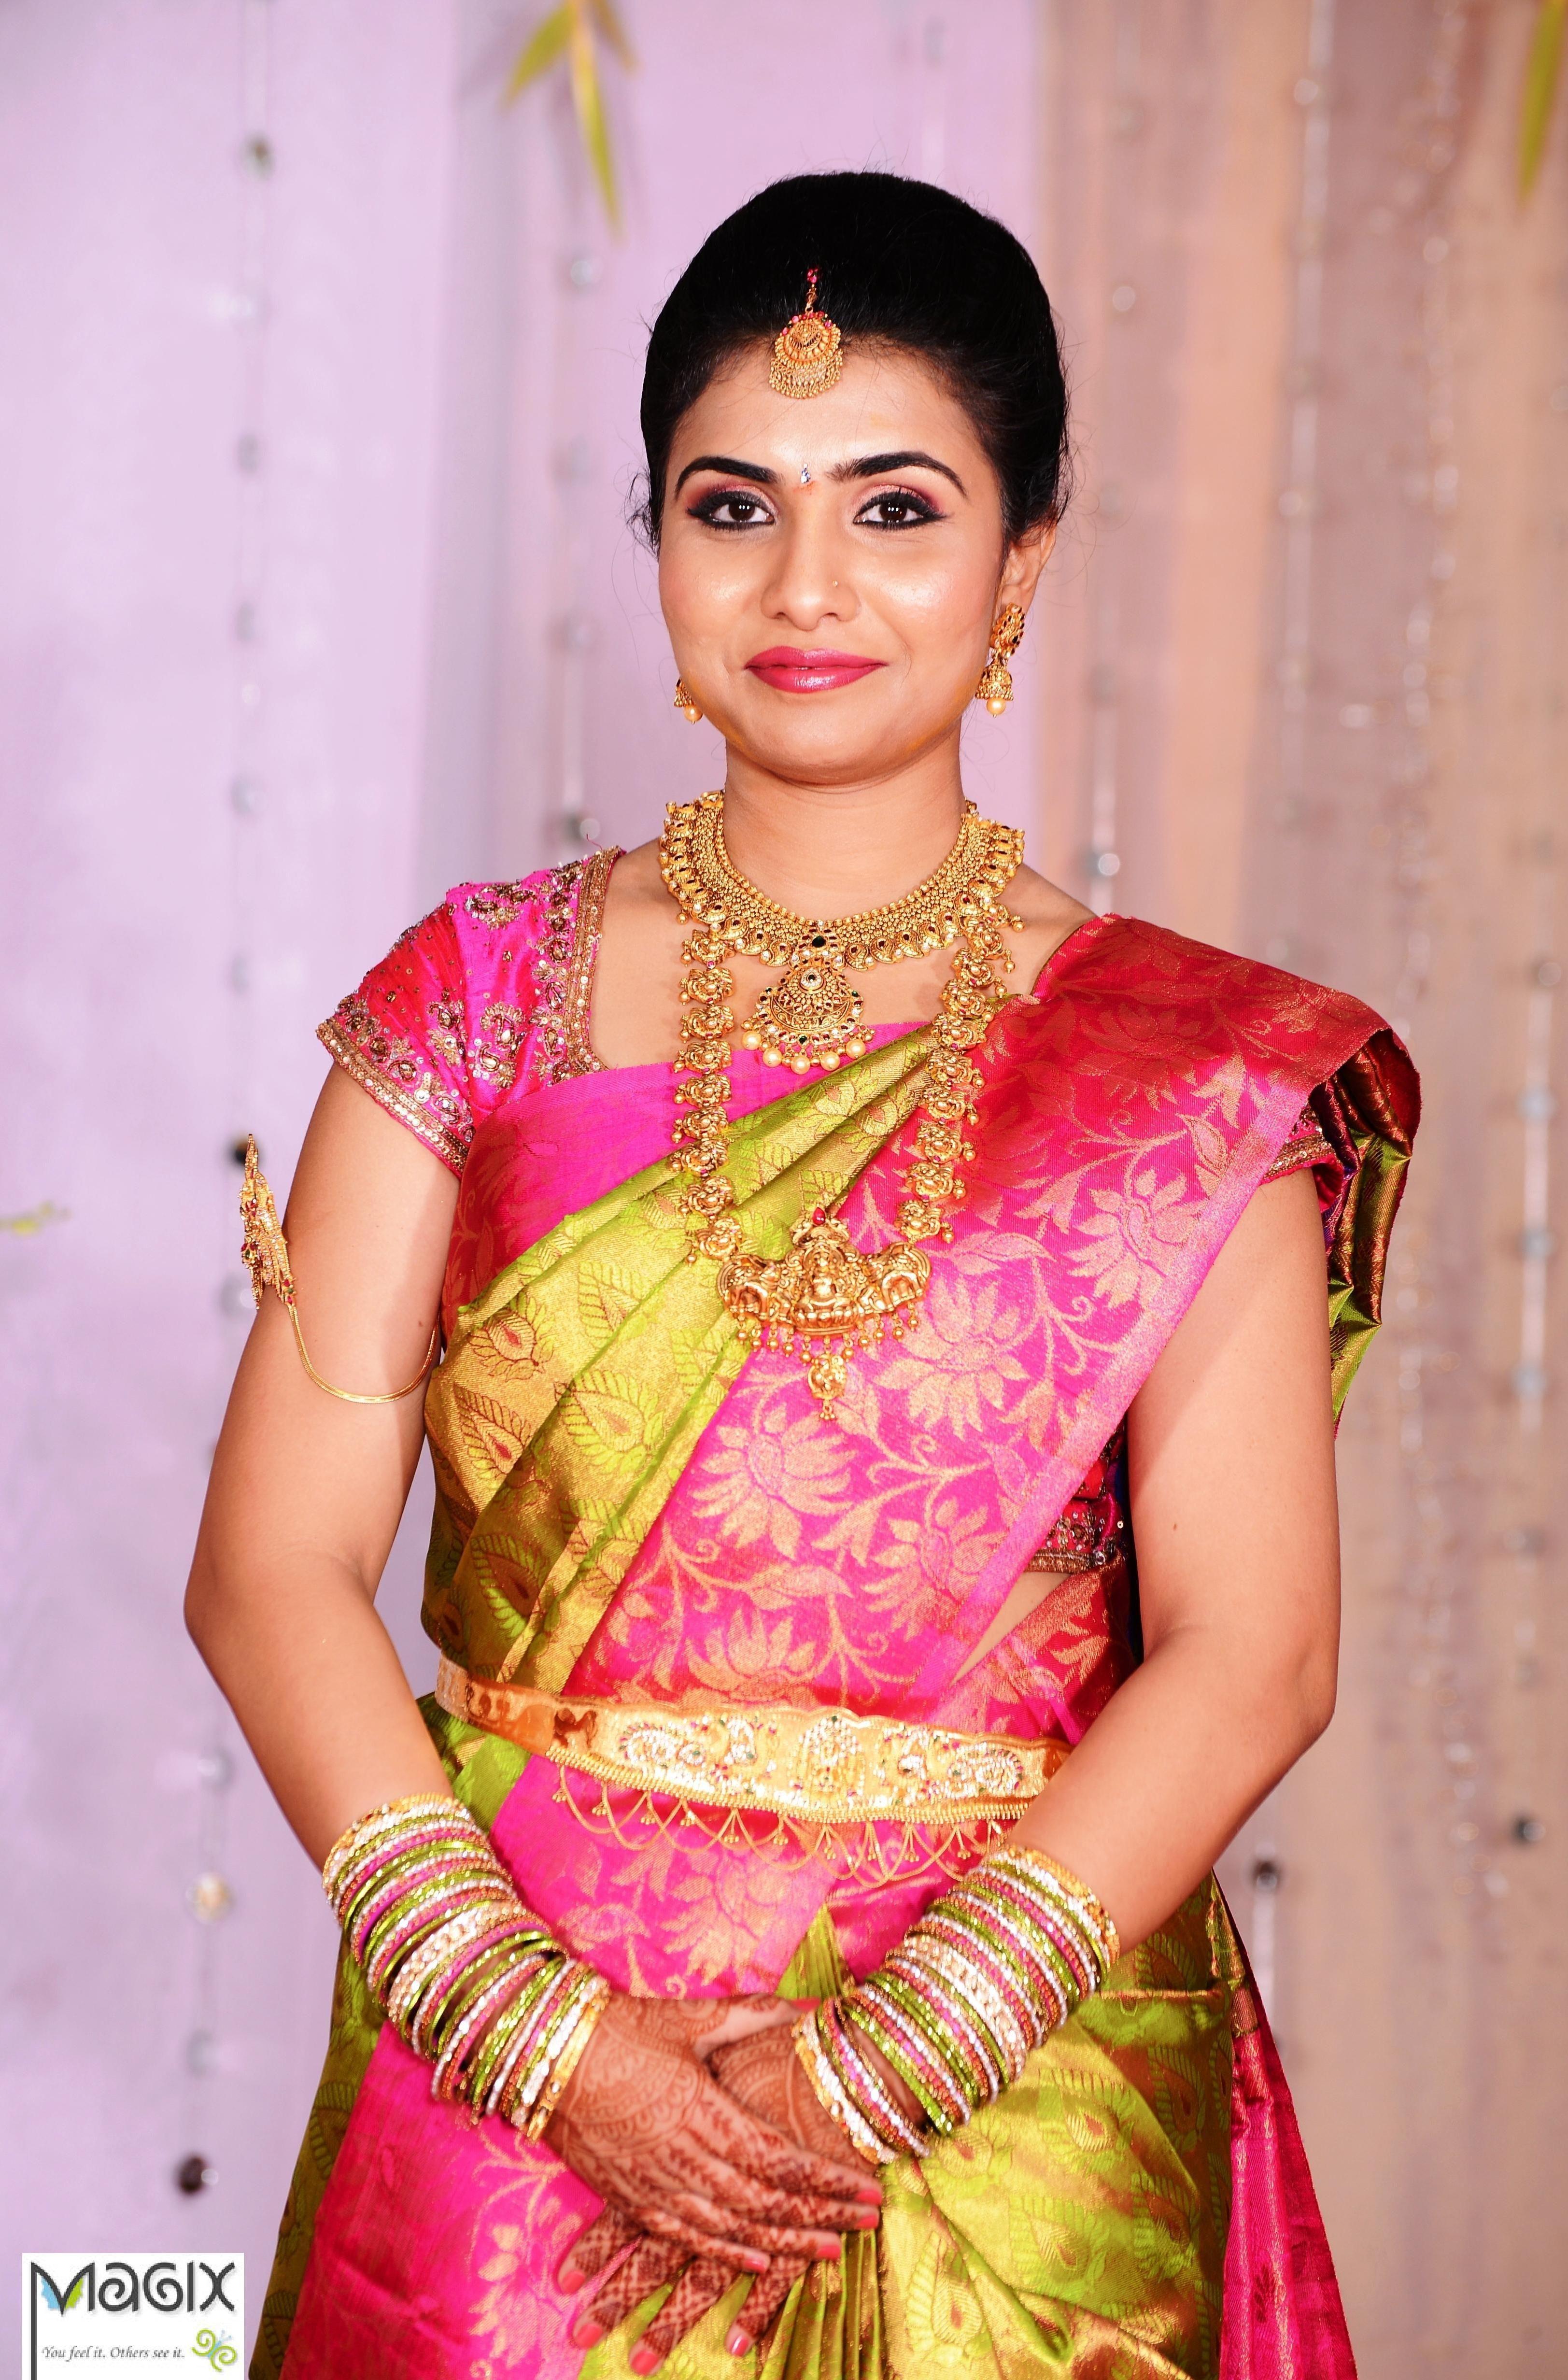 southindian bride wearing nakshi haram and necklace engagement ...